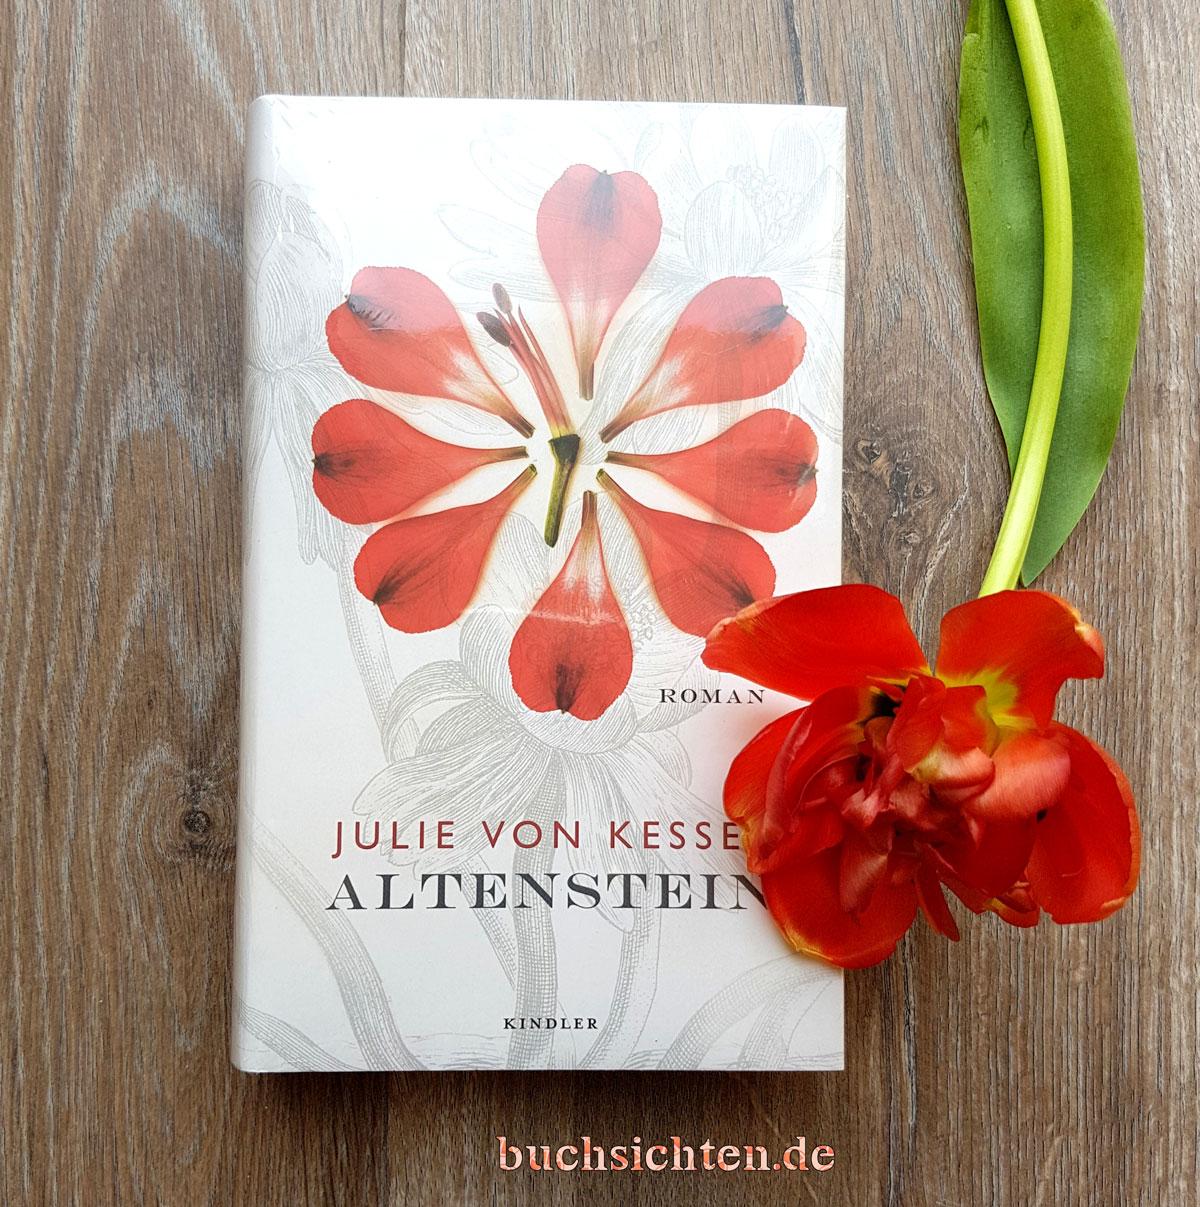 Buchsichten: [Rezension Ingrid] Altenstein von Julie von Kessel